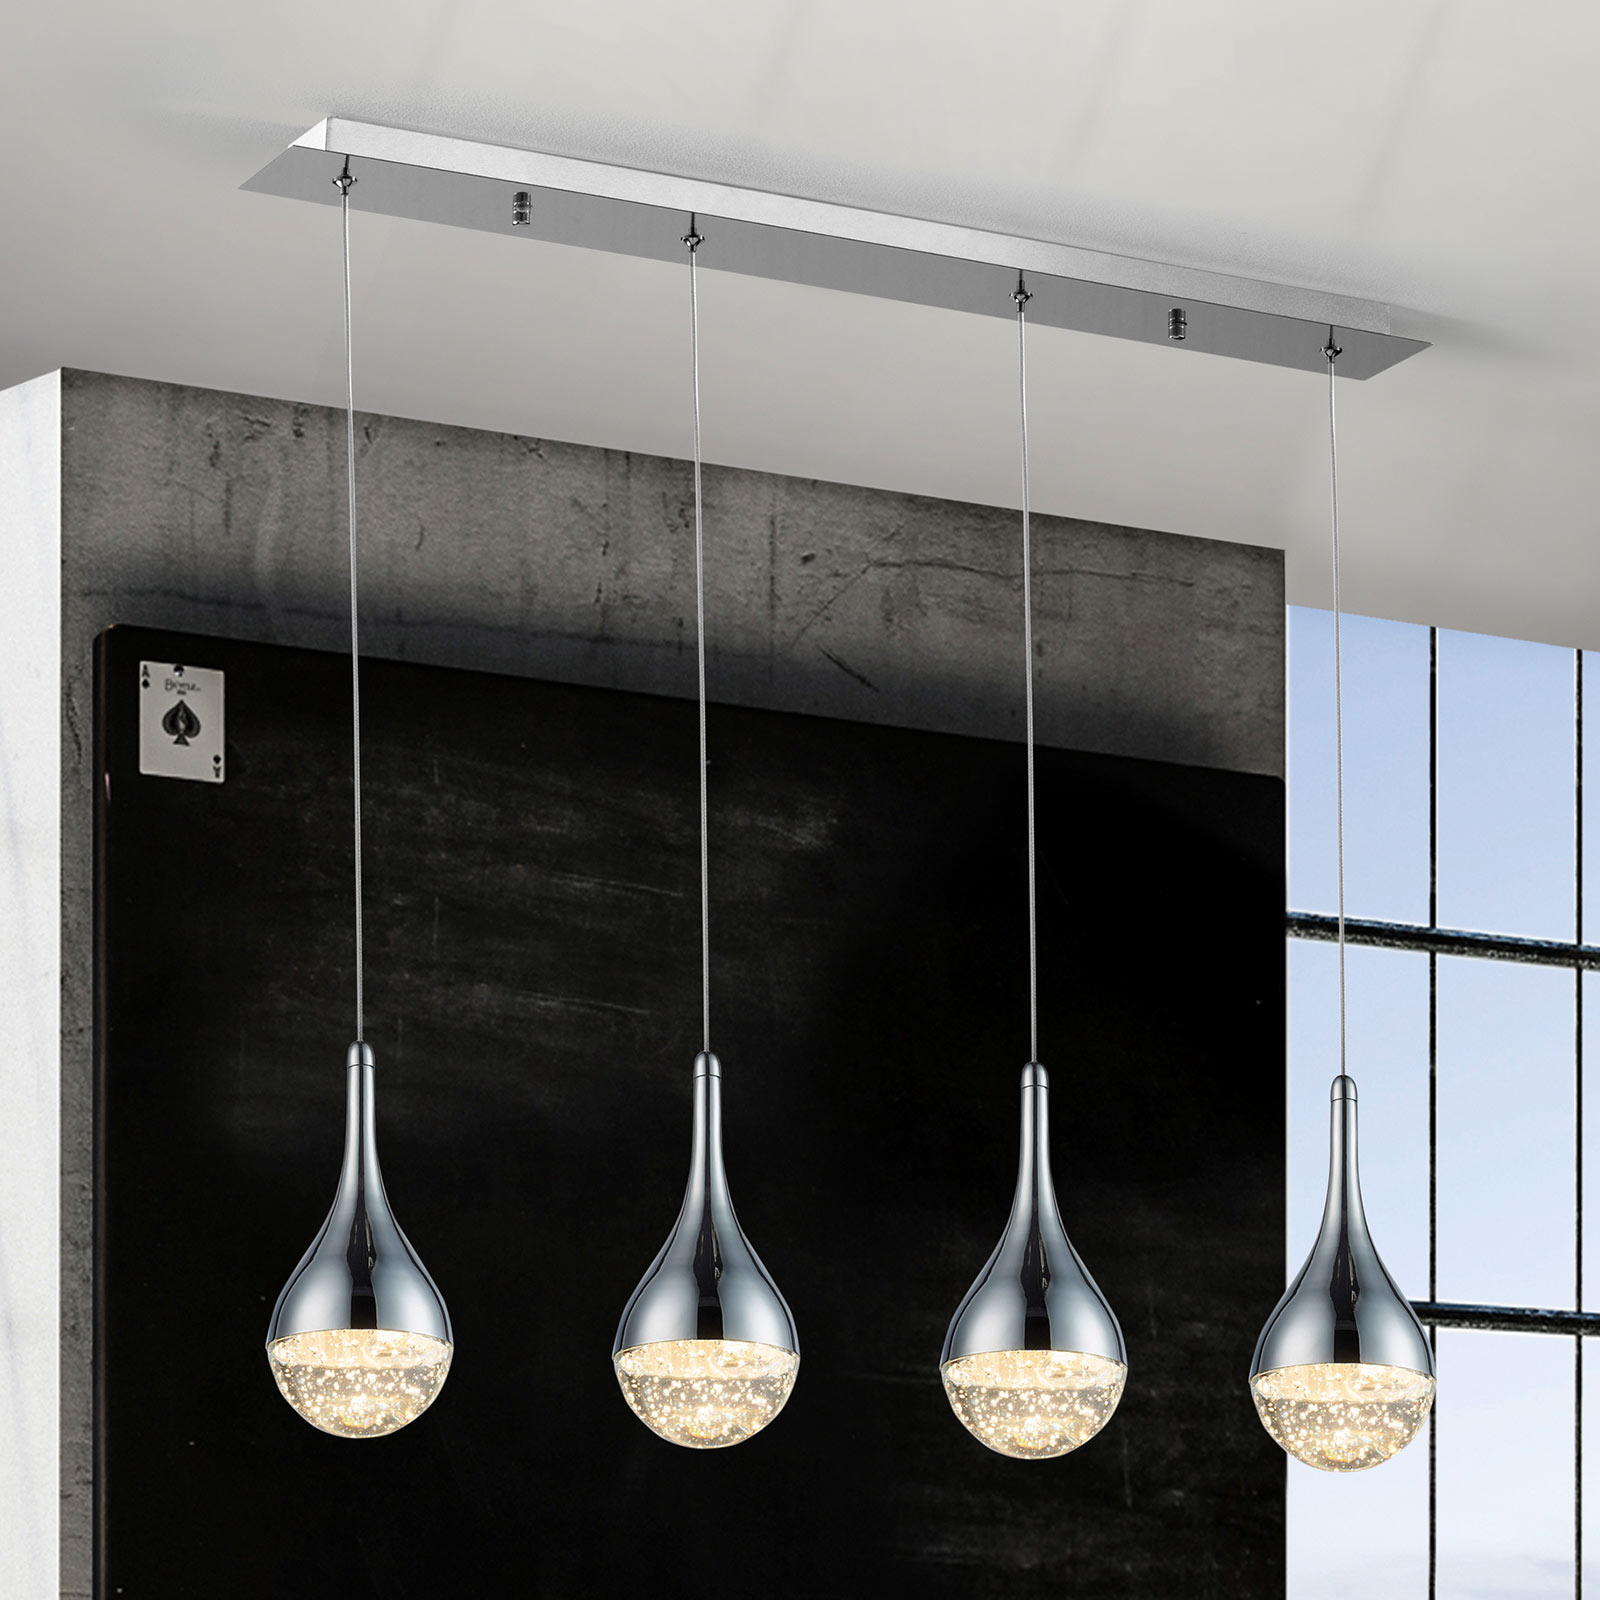 Lampa wisząca LED Elie, 4-punktowa